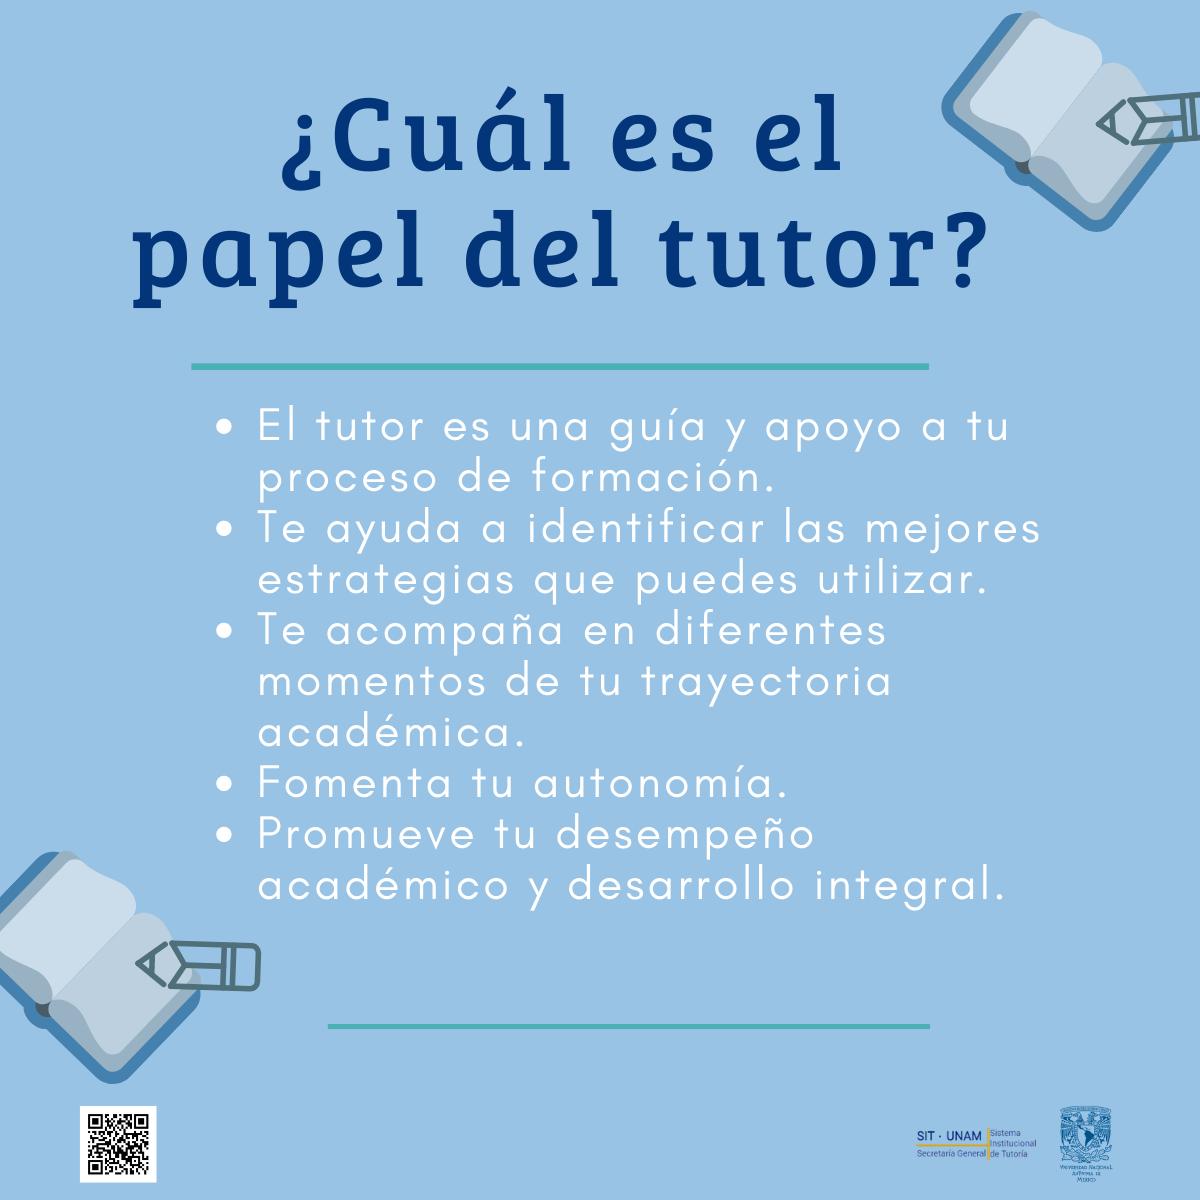 El papel del tutor